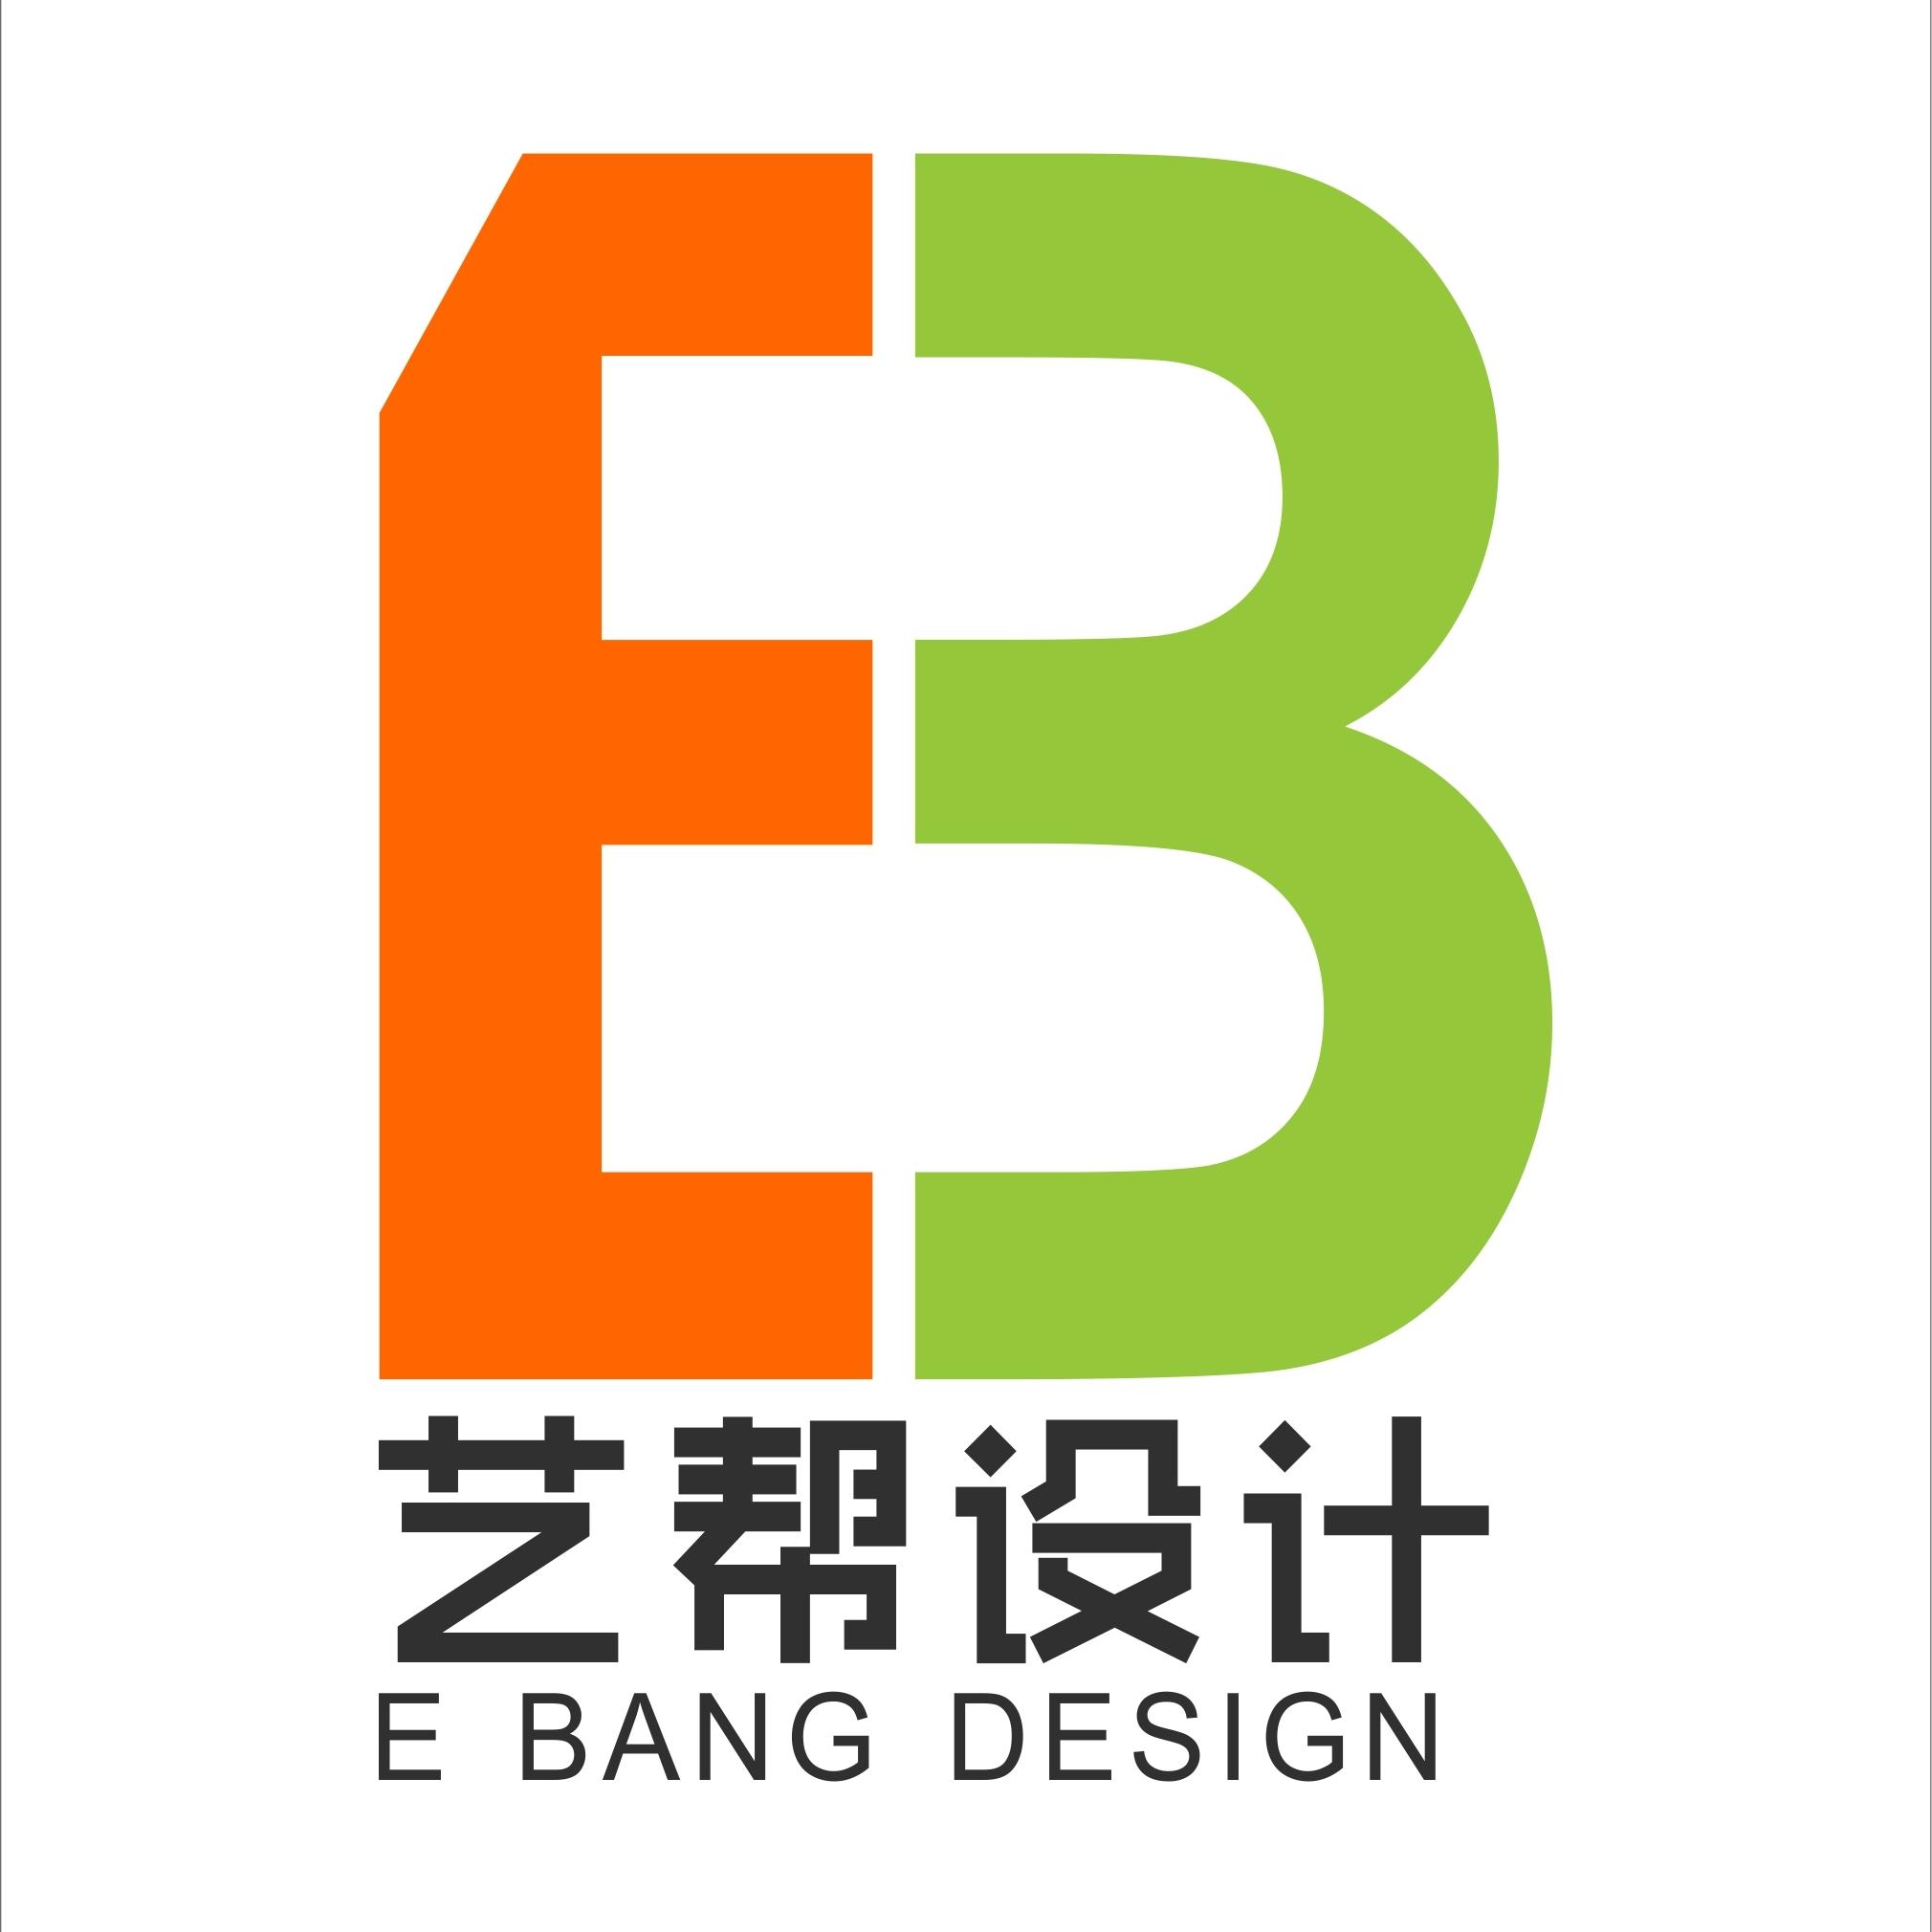 深圳艺帮设计有限公司